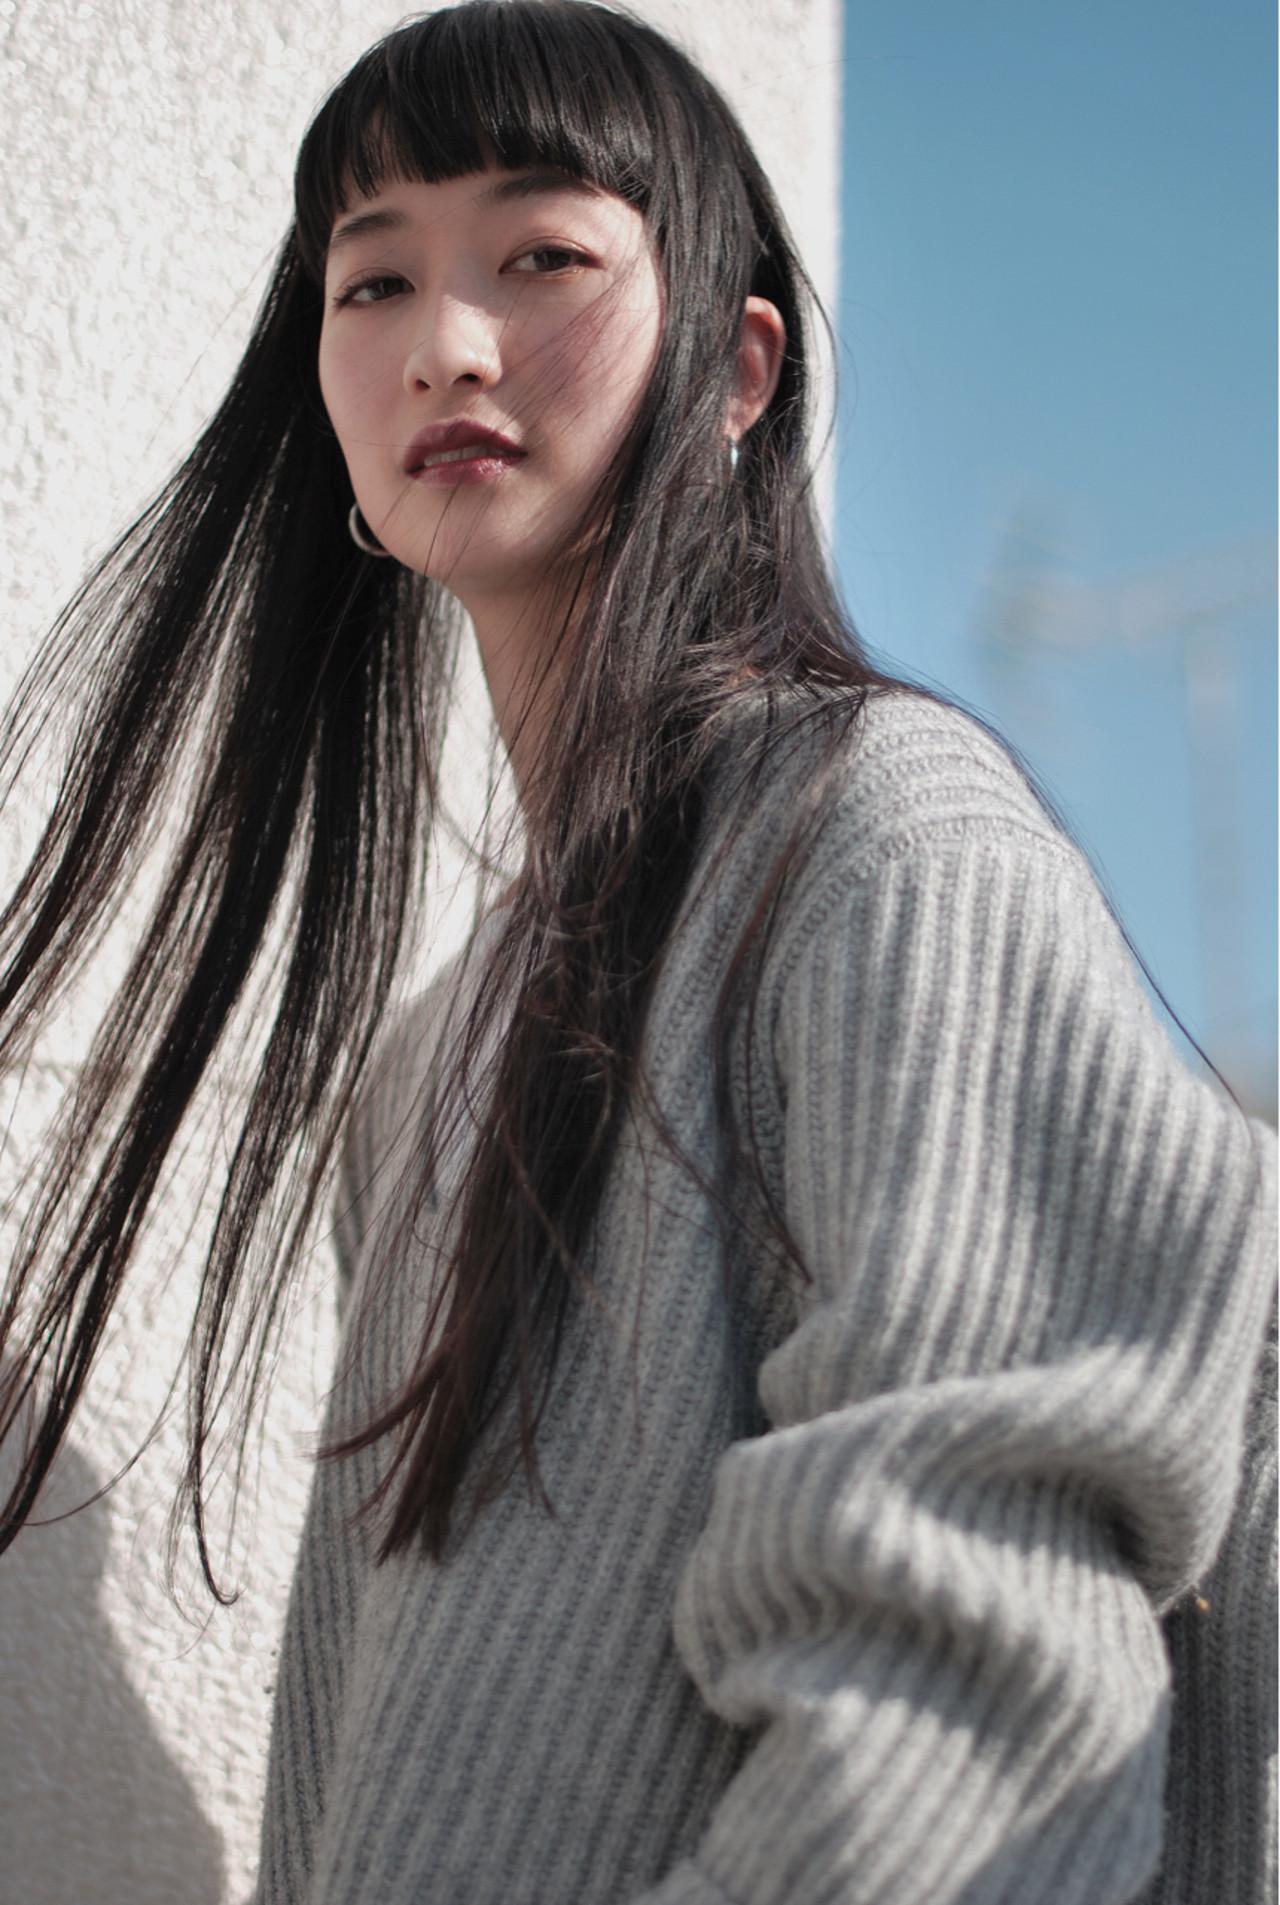 ショートバング×黒髪ロングでモード感たっぷり ニシムラ カナ | La familia